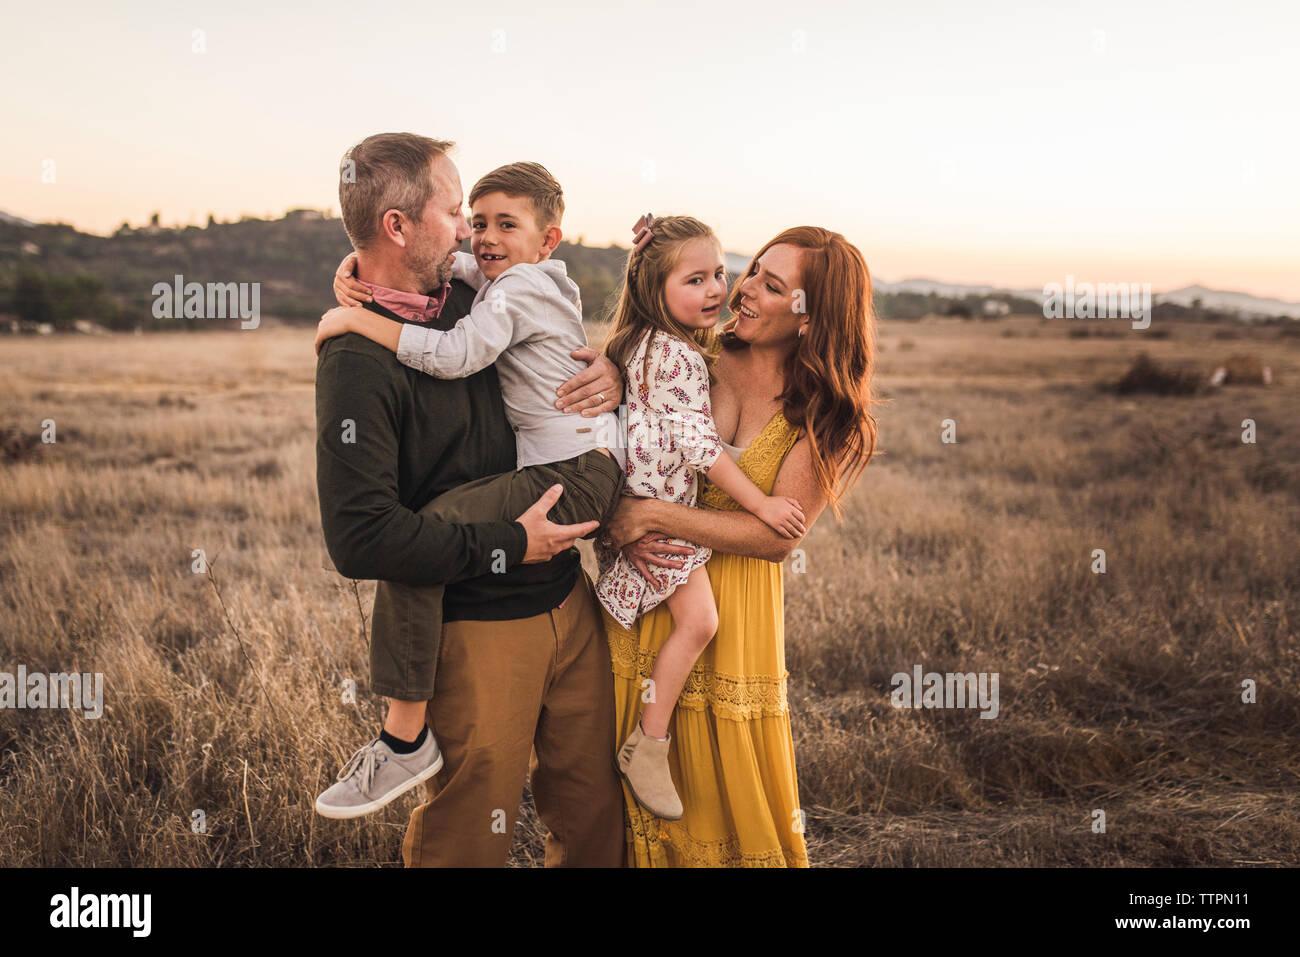 Chico y chica celebrado por sus padres en el campo de California durante la puesta de sol Foto de stock